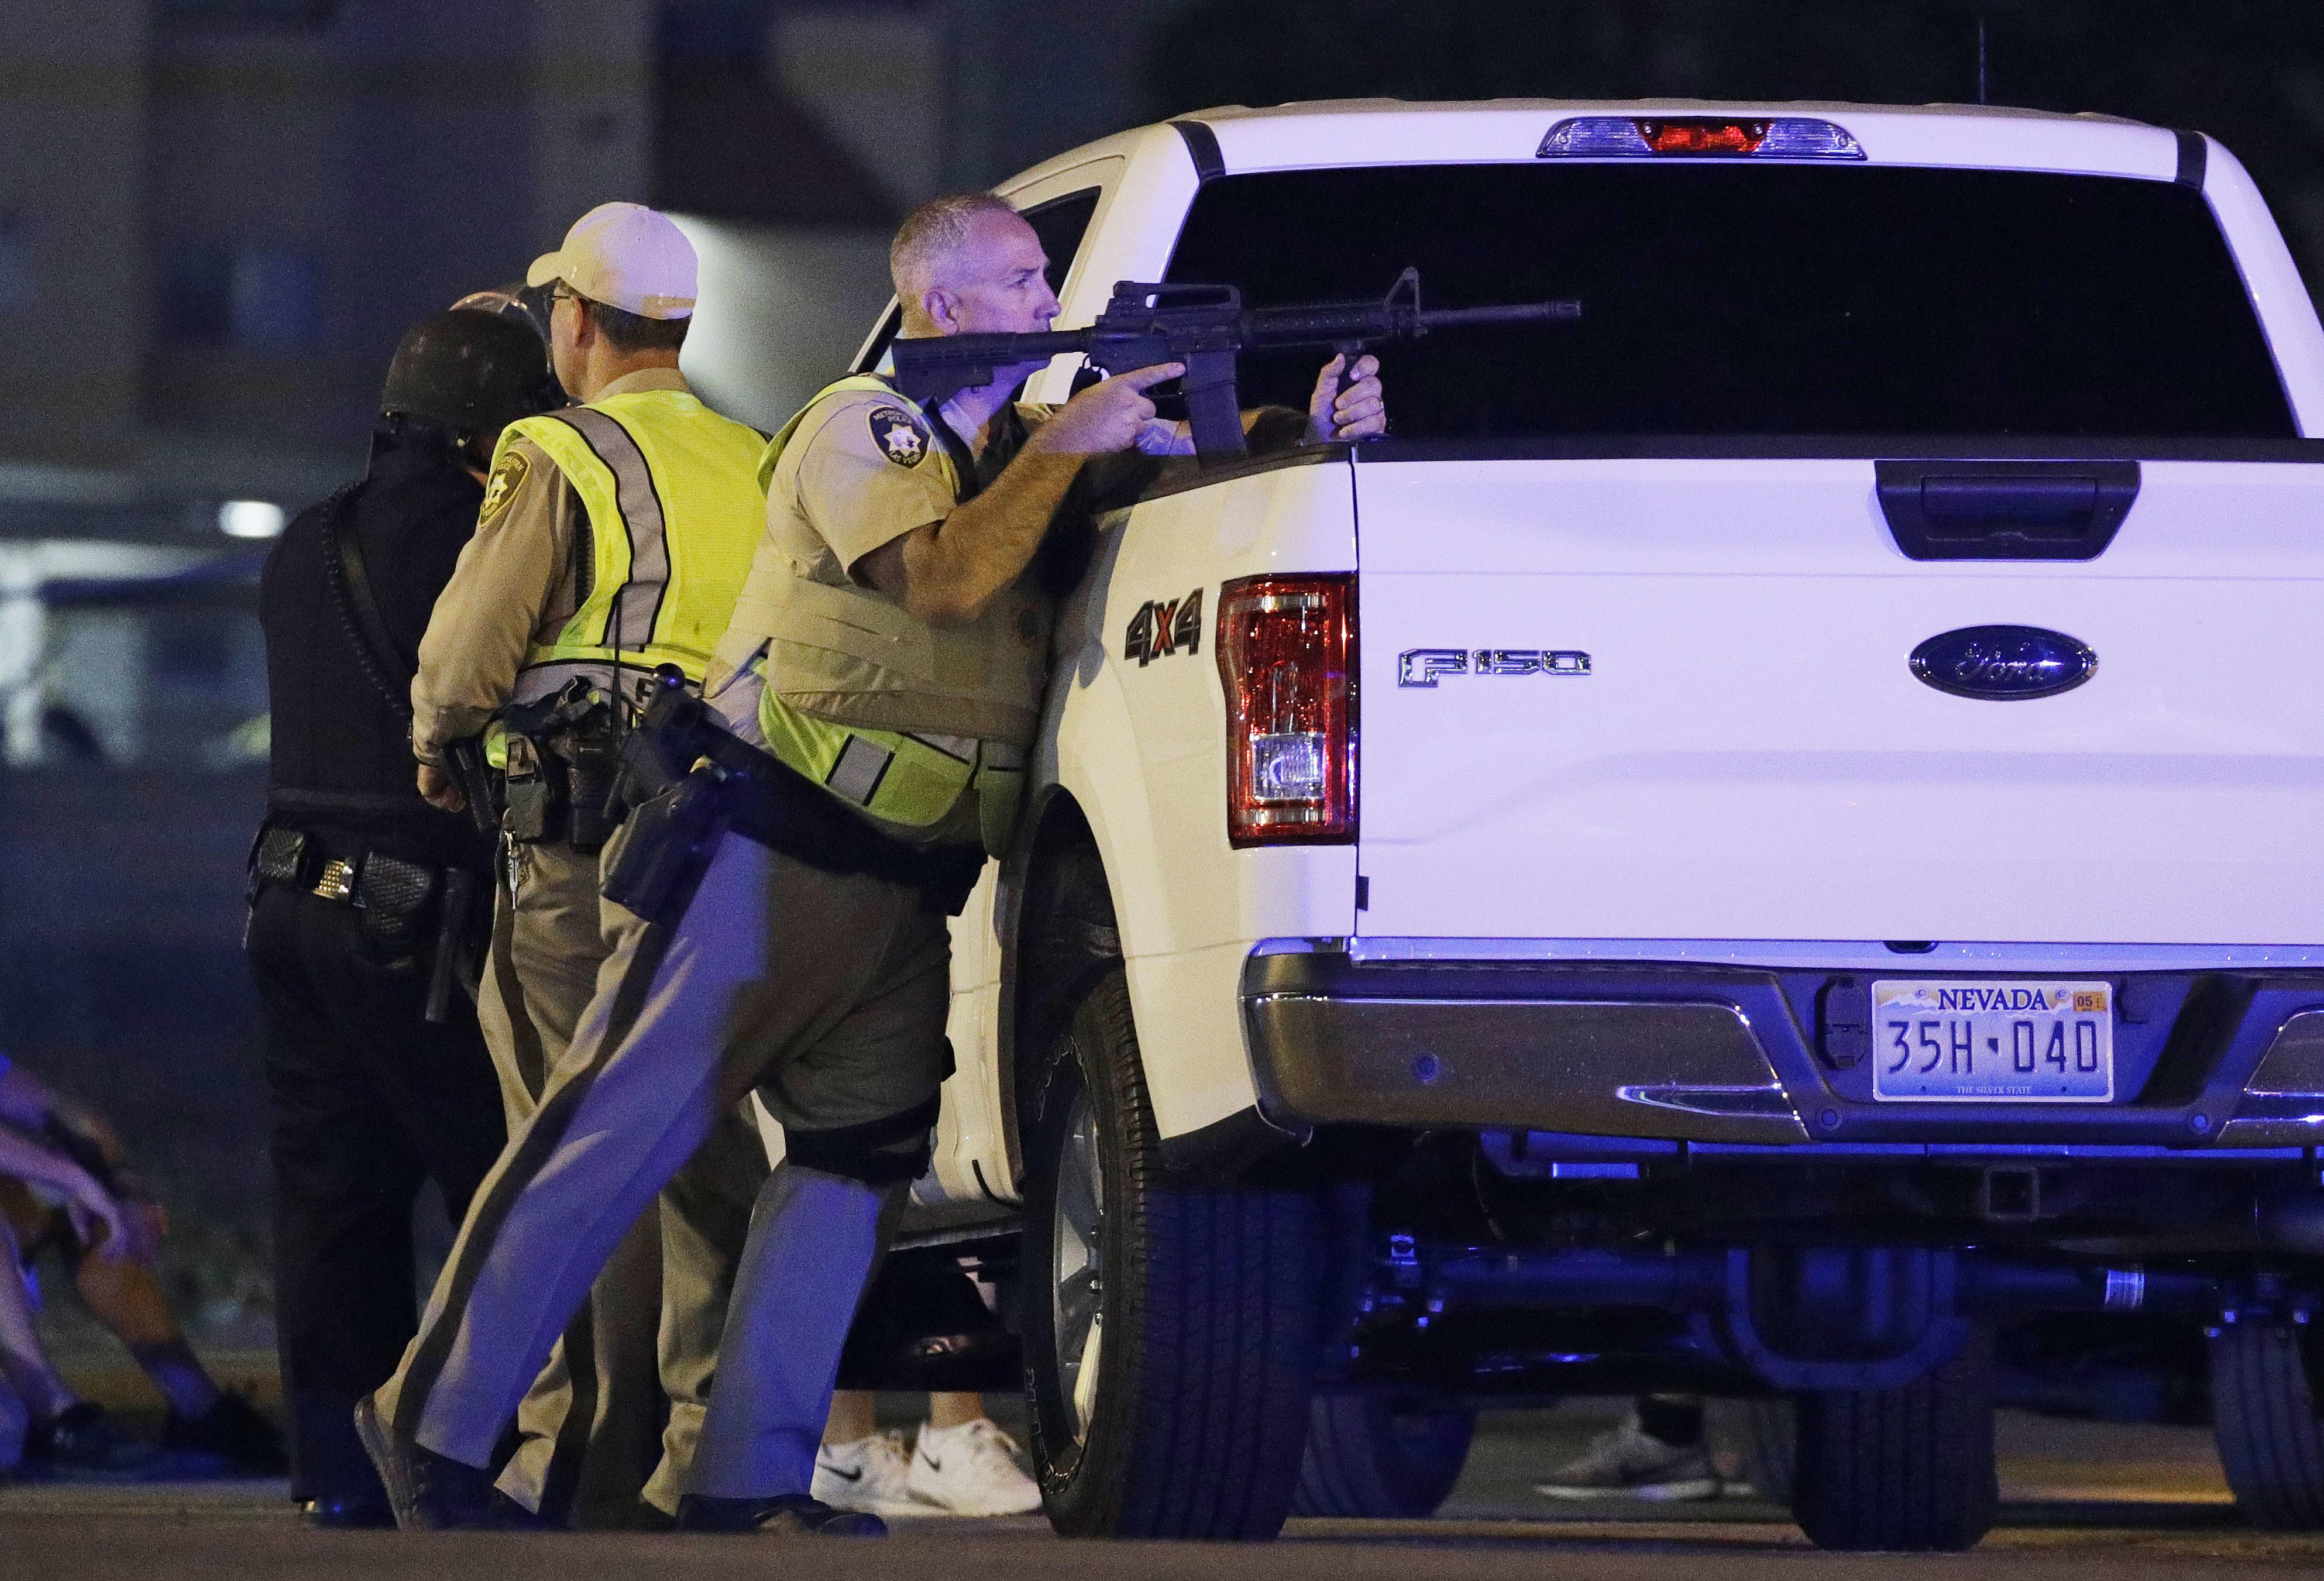 賭城拉斯維加斯驚傳重大槍擊案,槍手在Route 91 Harvest鄉村音樂節上持機關槍濫射。(美聯社)